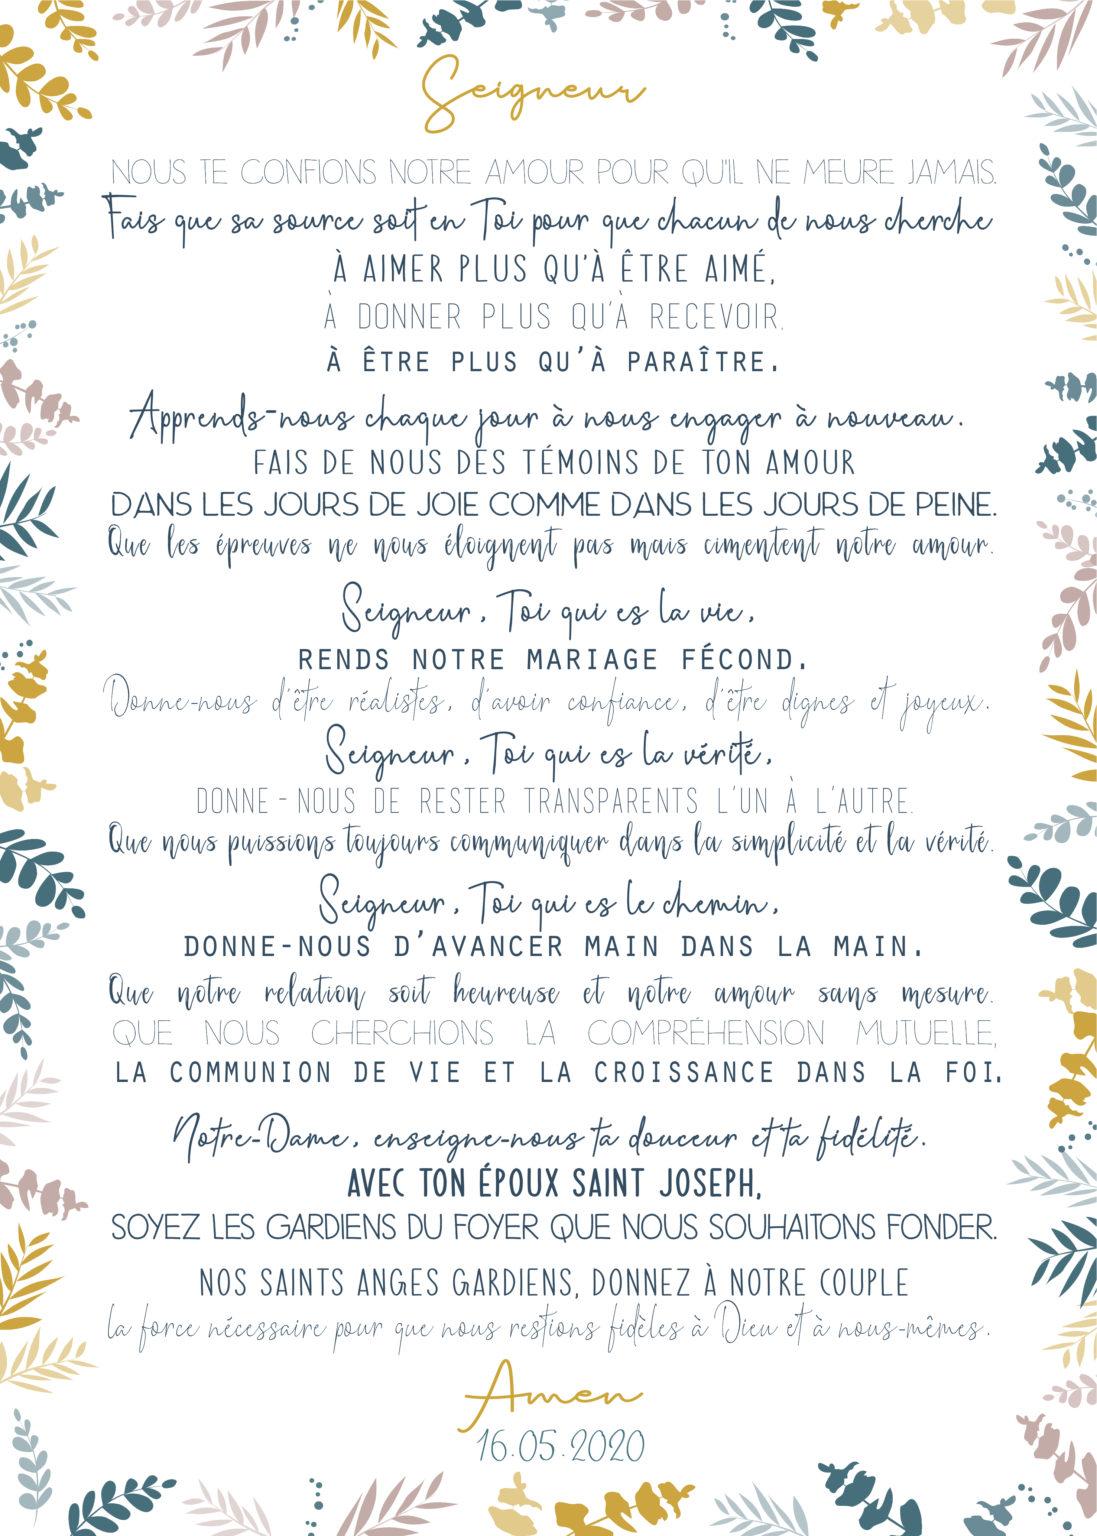 Prière des Epoux  - Mise en page personnalisée - Dimensions 50x70 cm